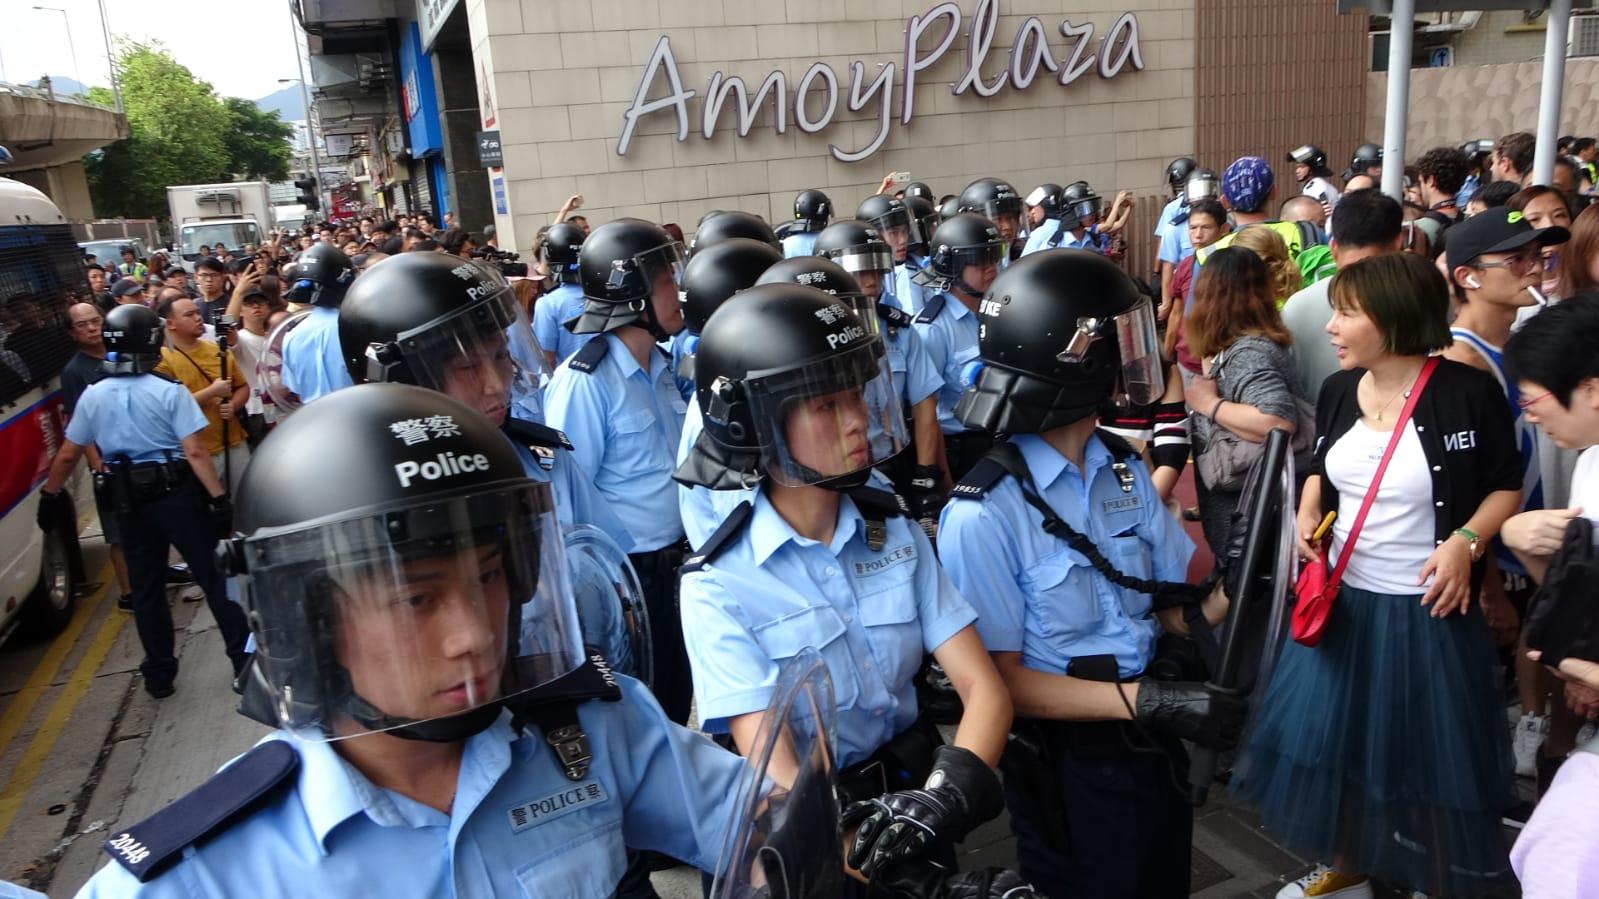 淘大商場衝突警員到場控制秩序。資料圖片